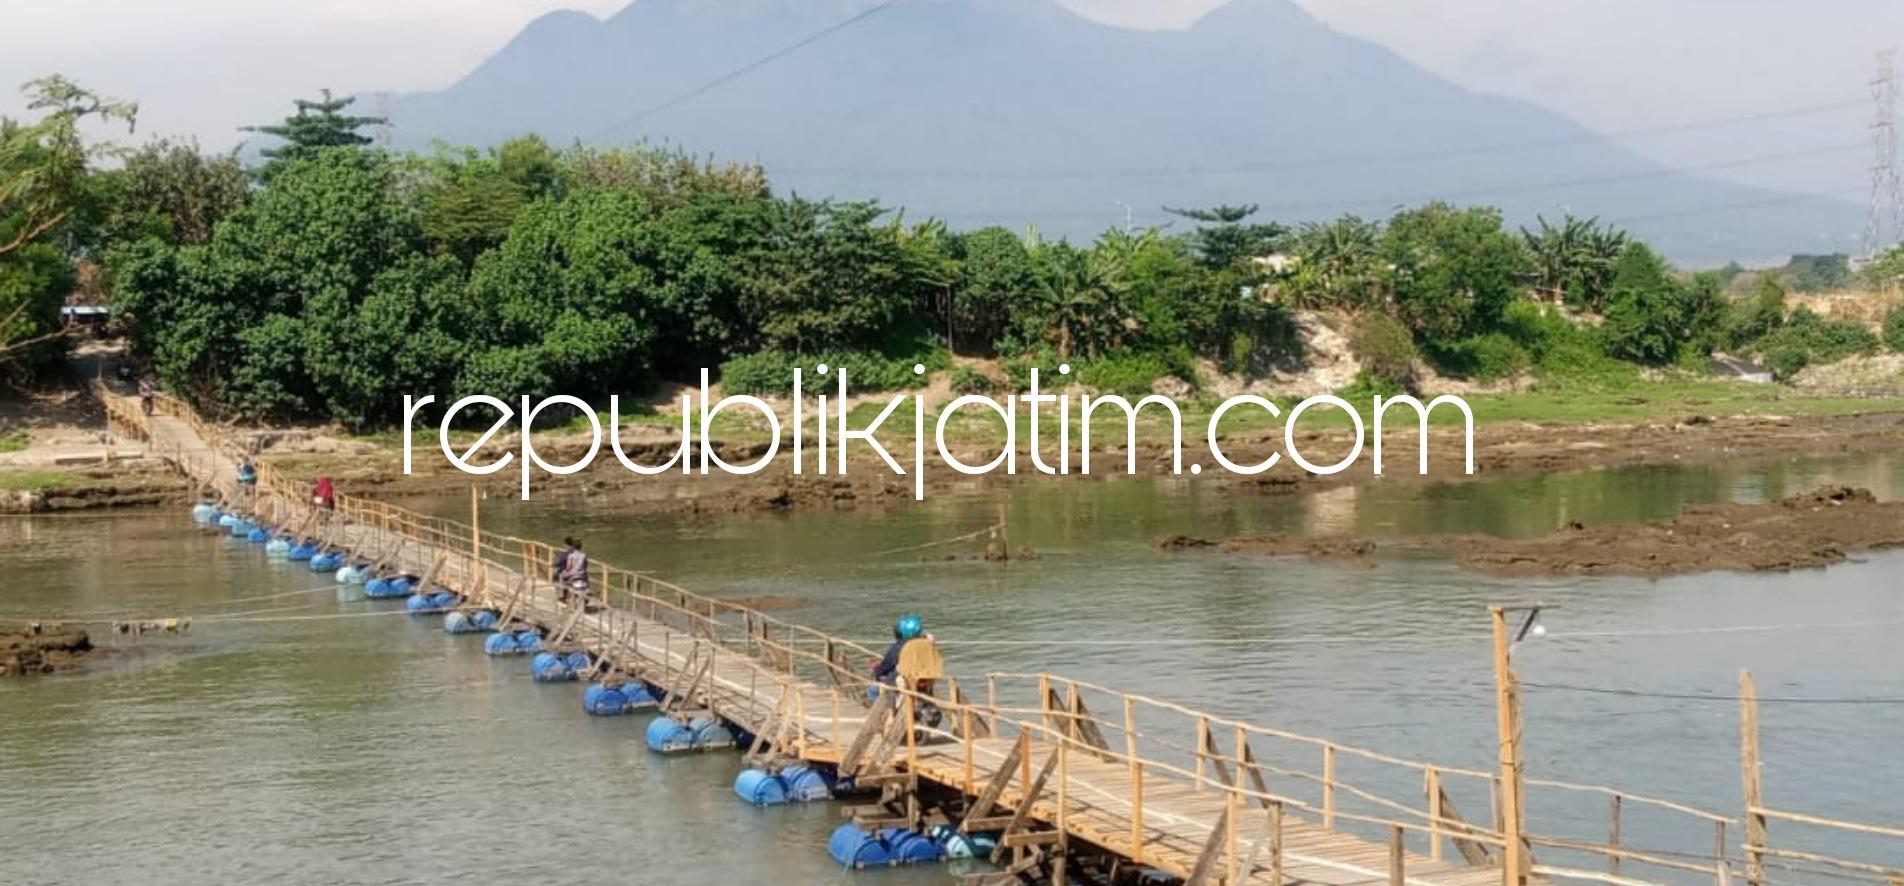 Jembatan Sutam Jalur Alternatif Pemudik Sidoarjo - Mojokerto Bertarif Rp 2.000 Jadi Arena Selfie